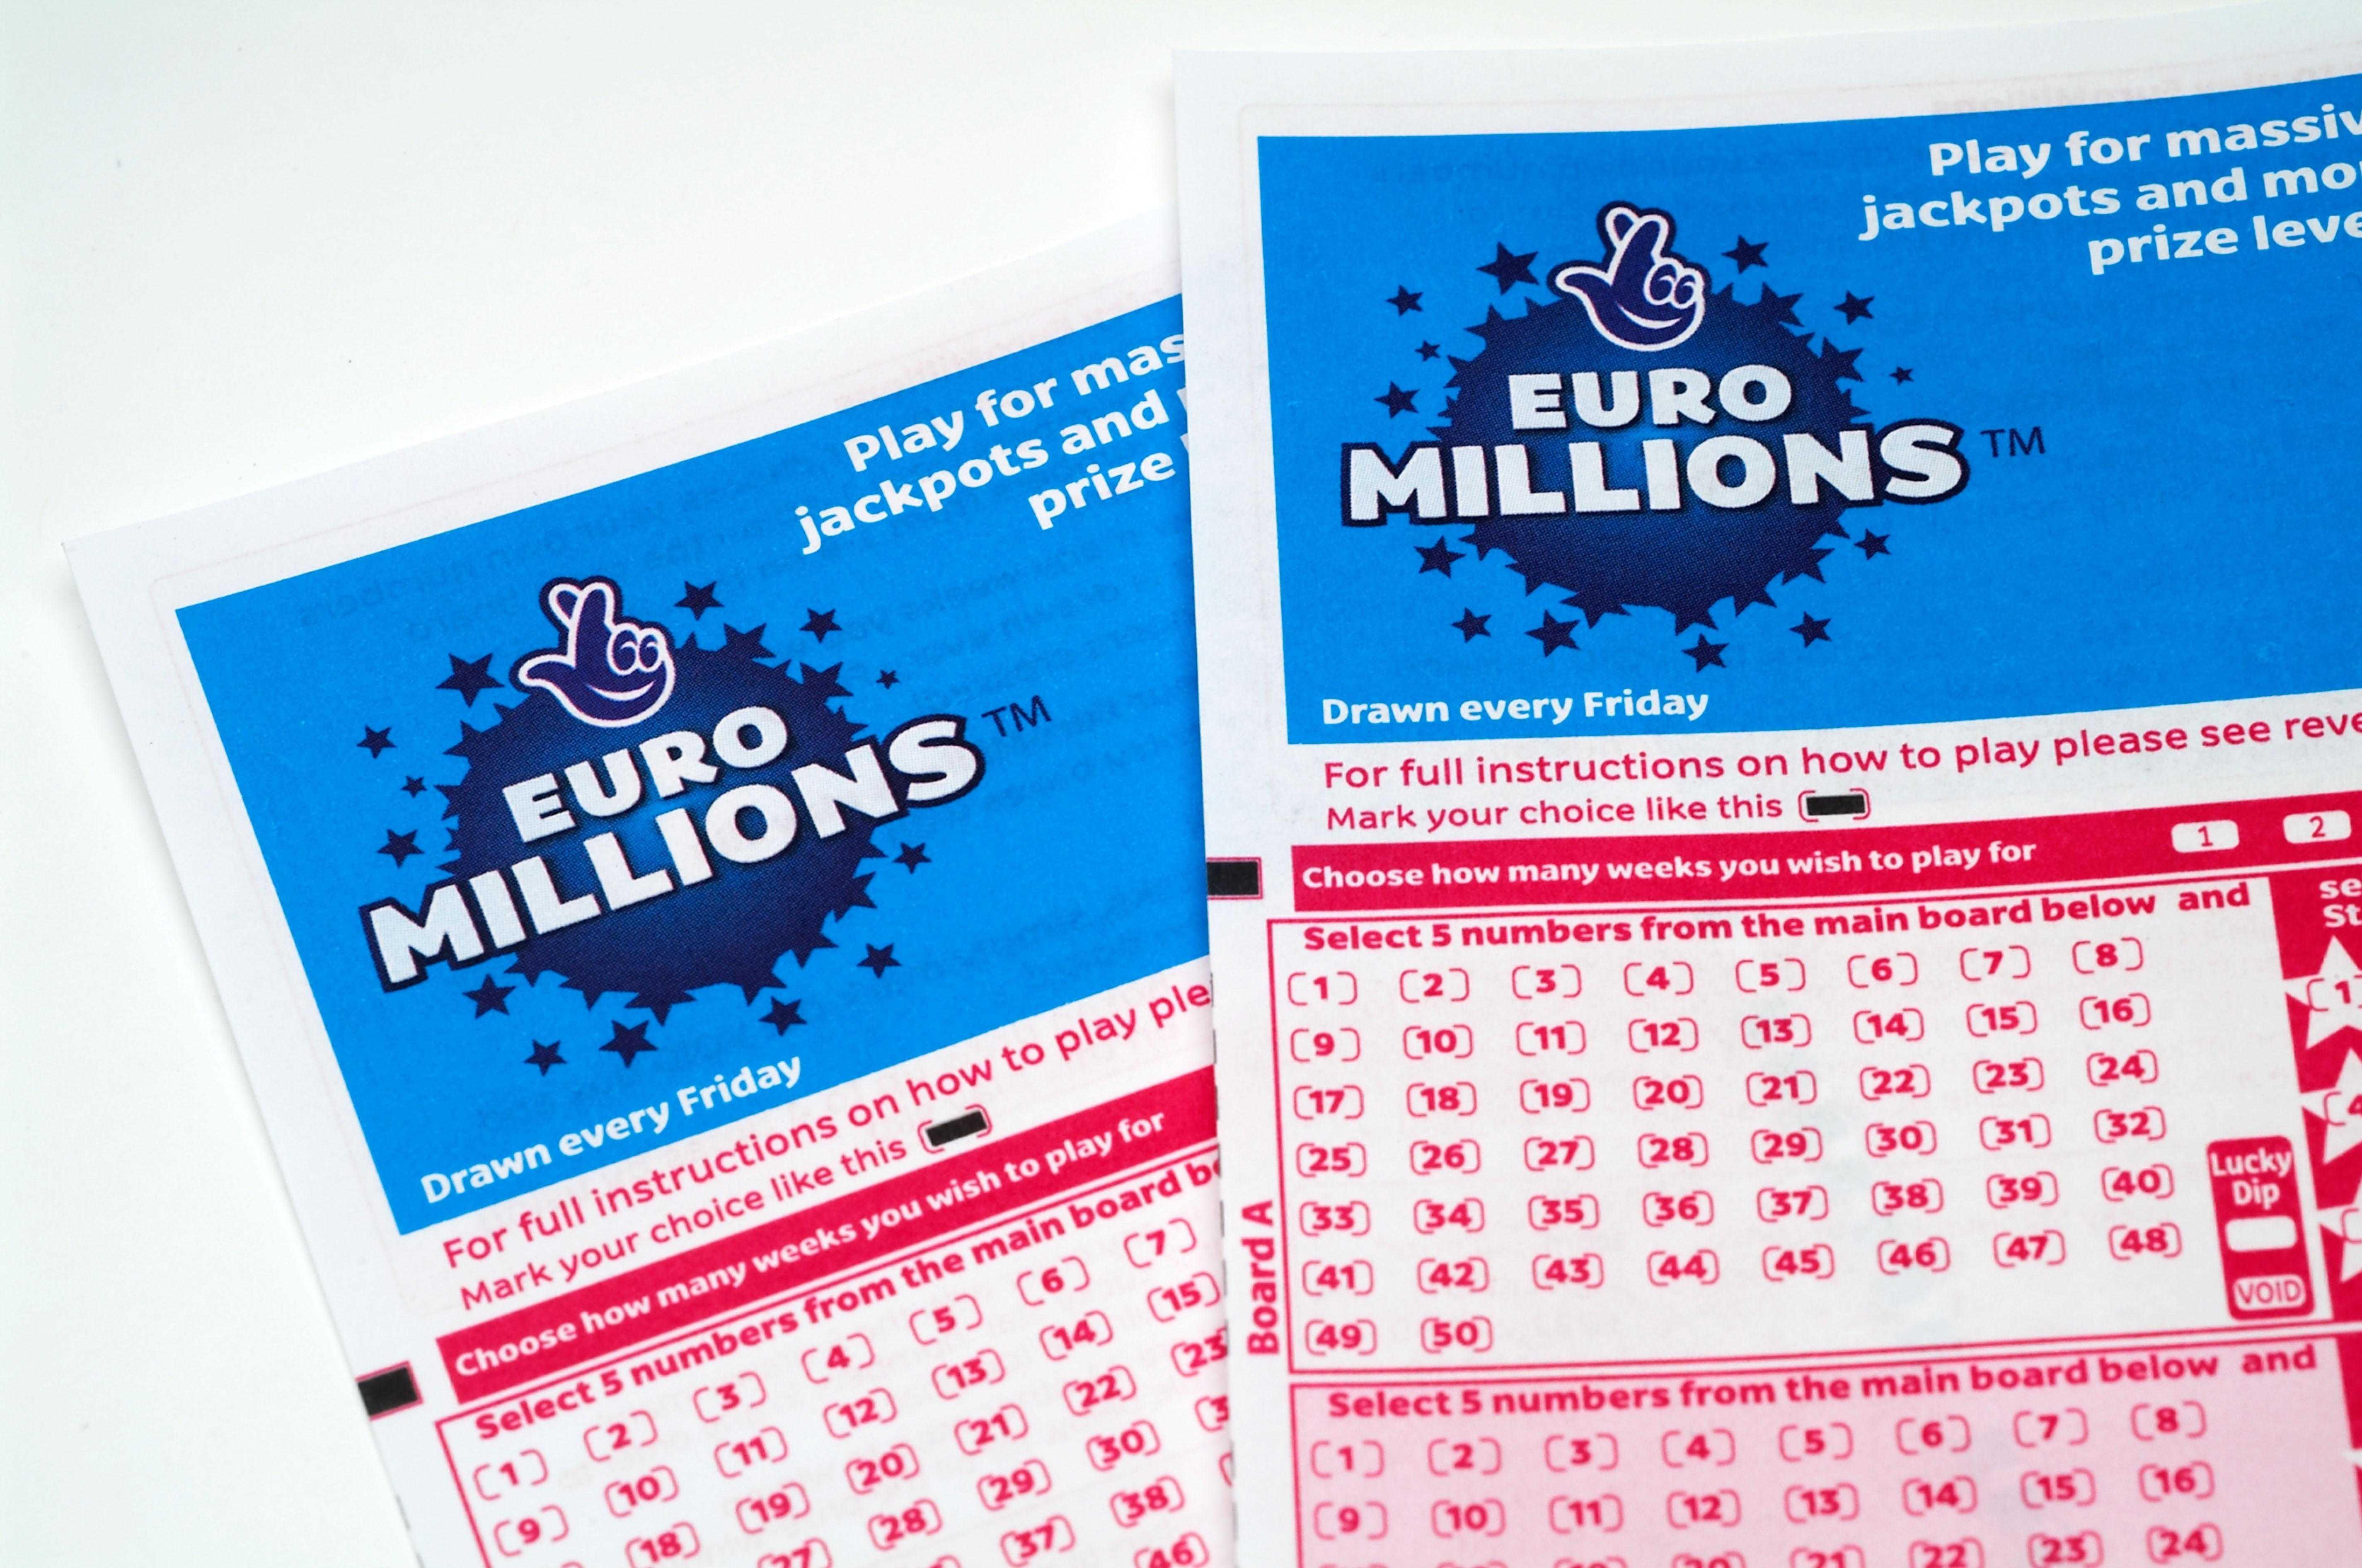 ผลลัพธ์ Euromillions - จากการจับรางวัลยูโรมิลเลี่ยนล่าสุด